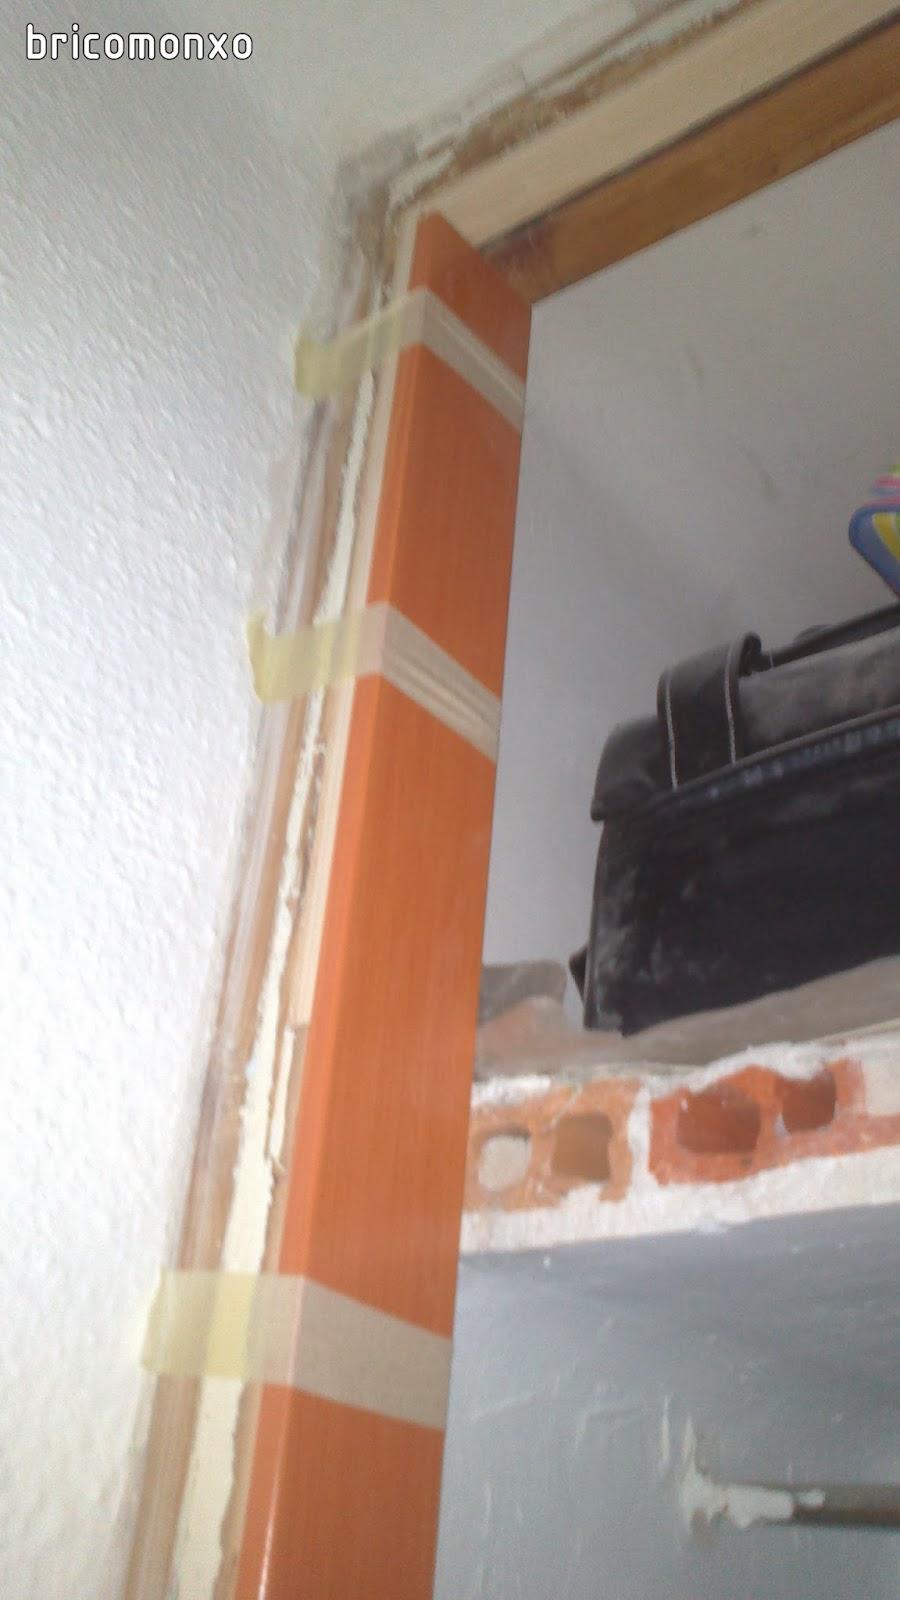 Bricomonxo armario empotrado con puertas correderas - Guias puertas correderas armarios empotrados ...